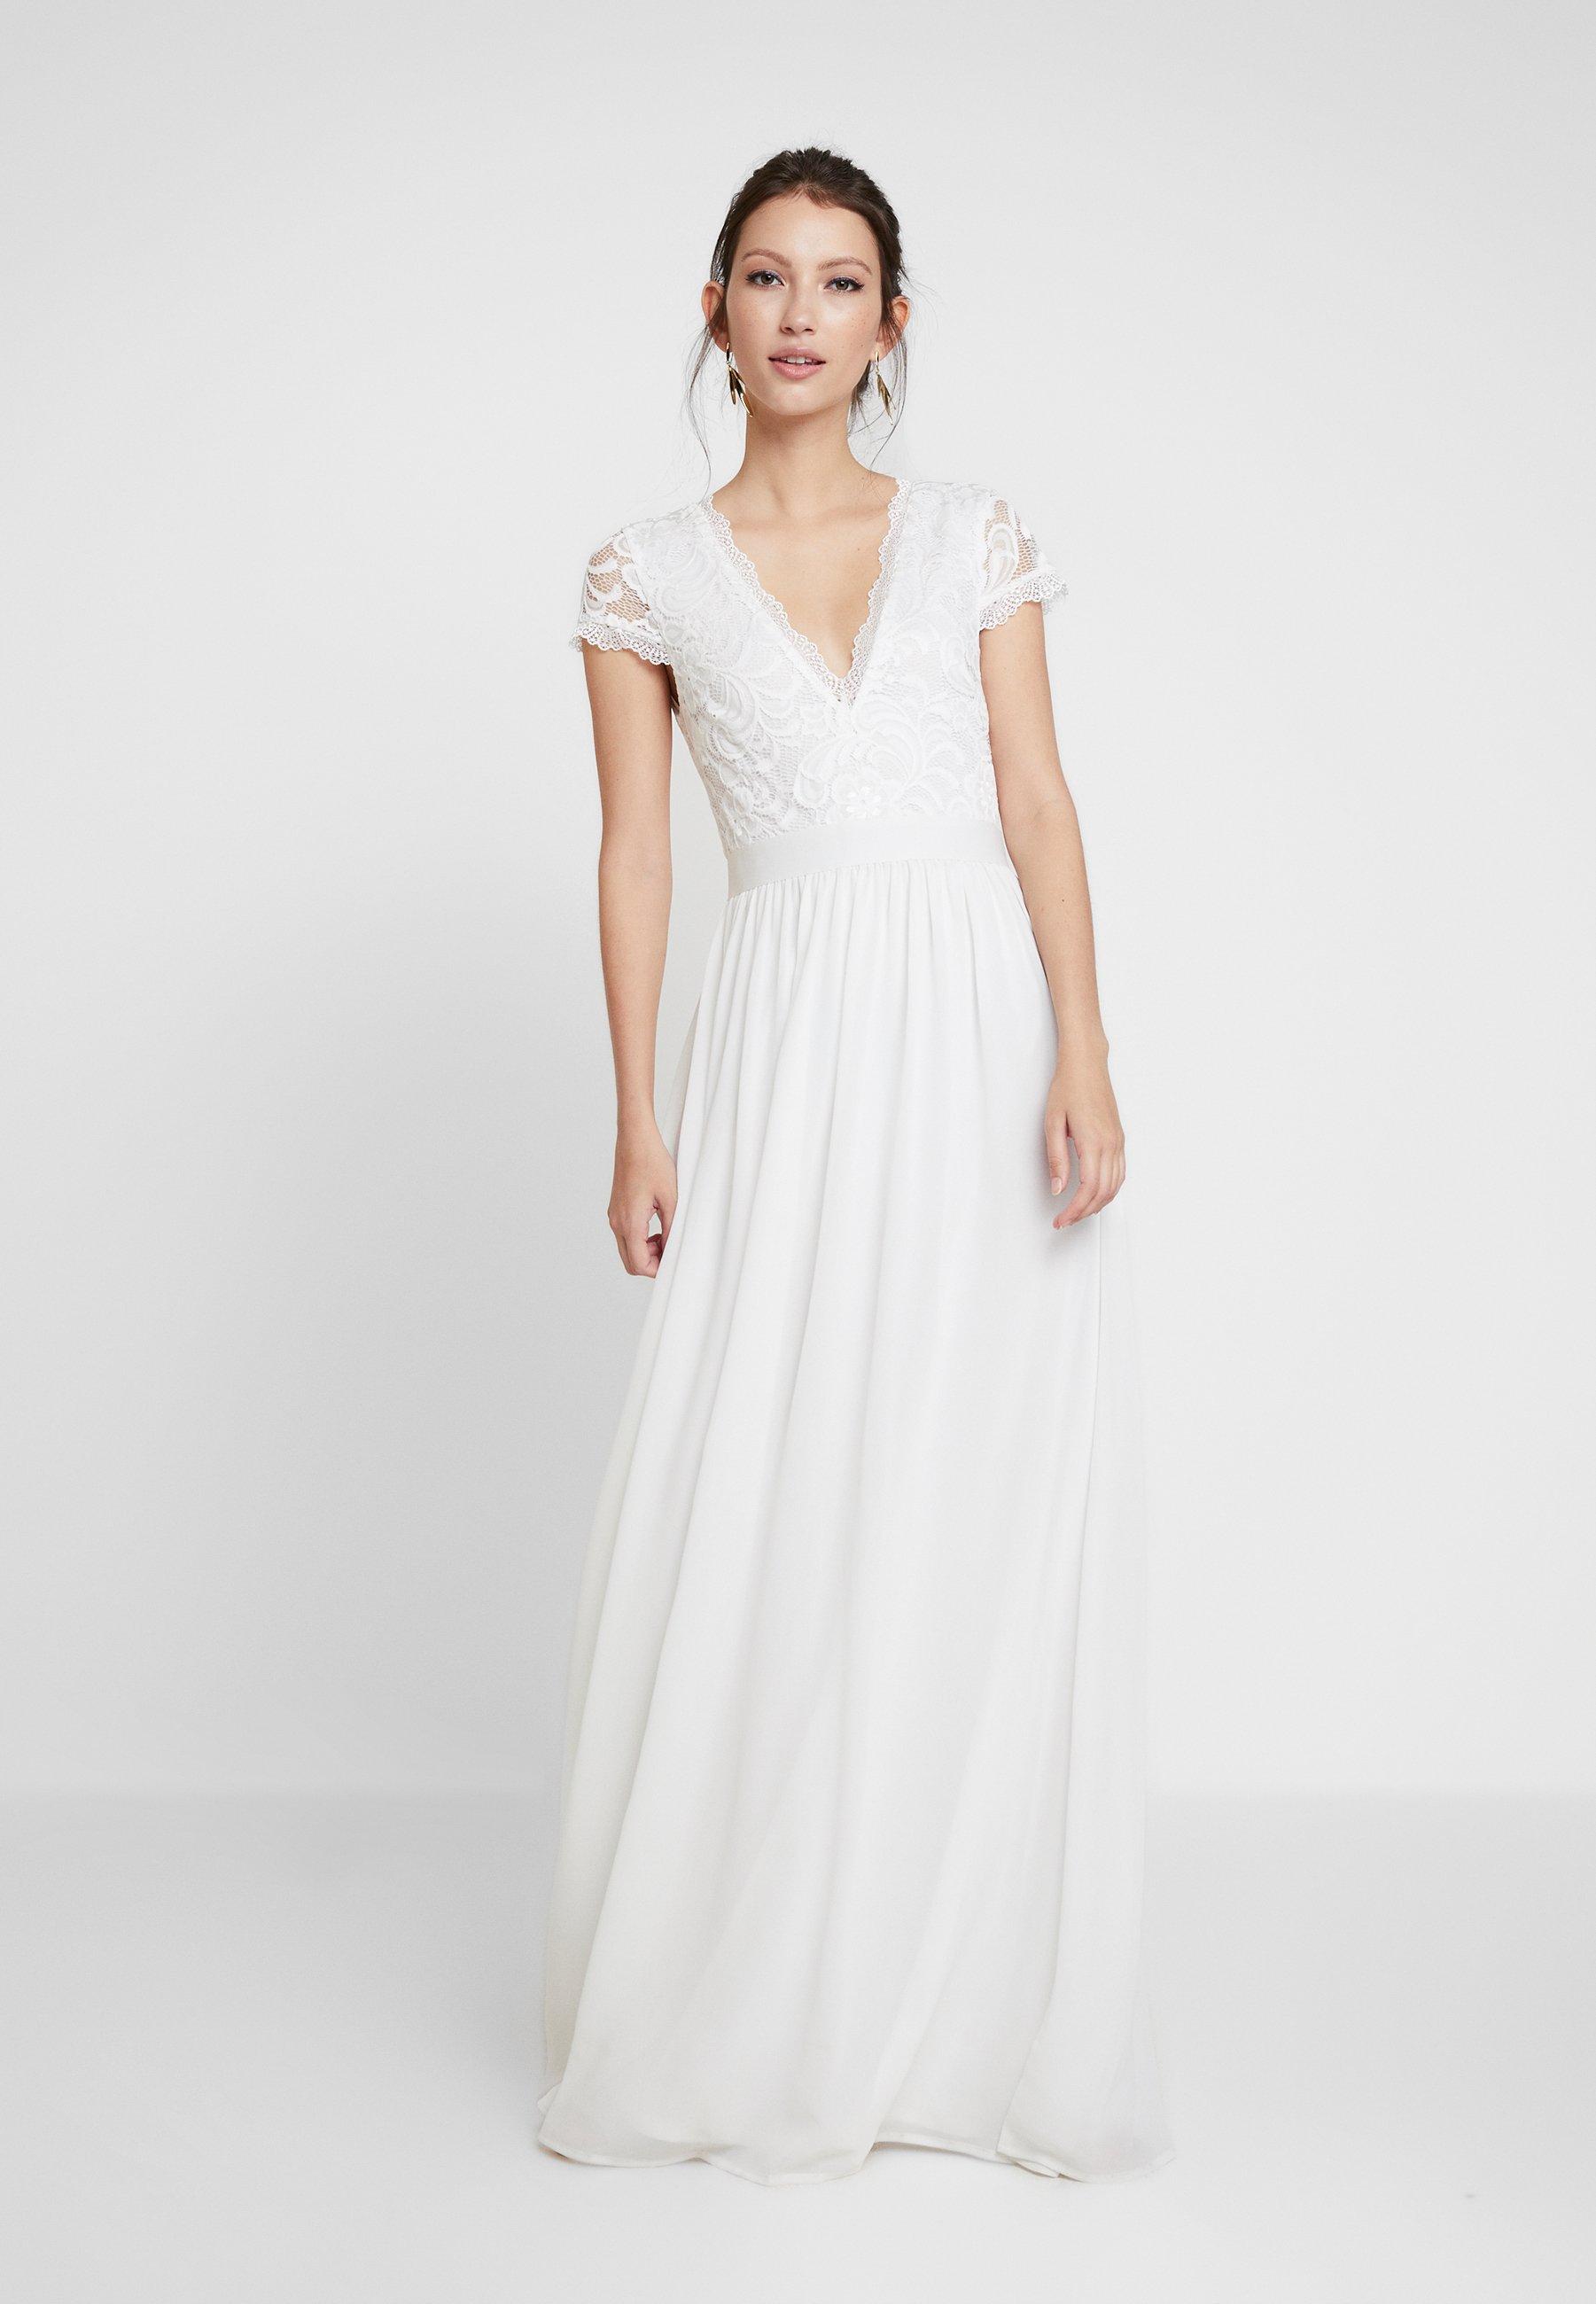 nlynelly upper gown - ballkleid - white/weiß - zalando.at